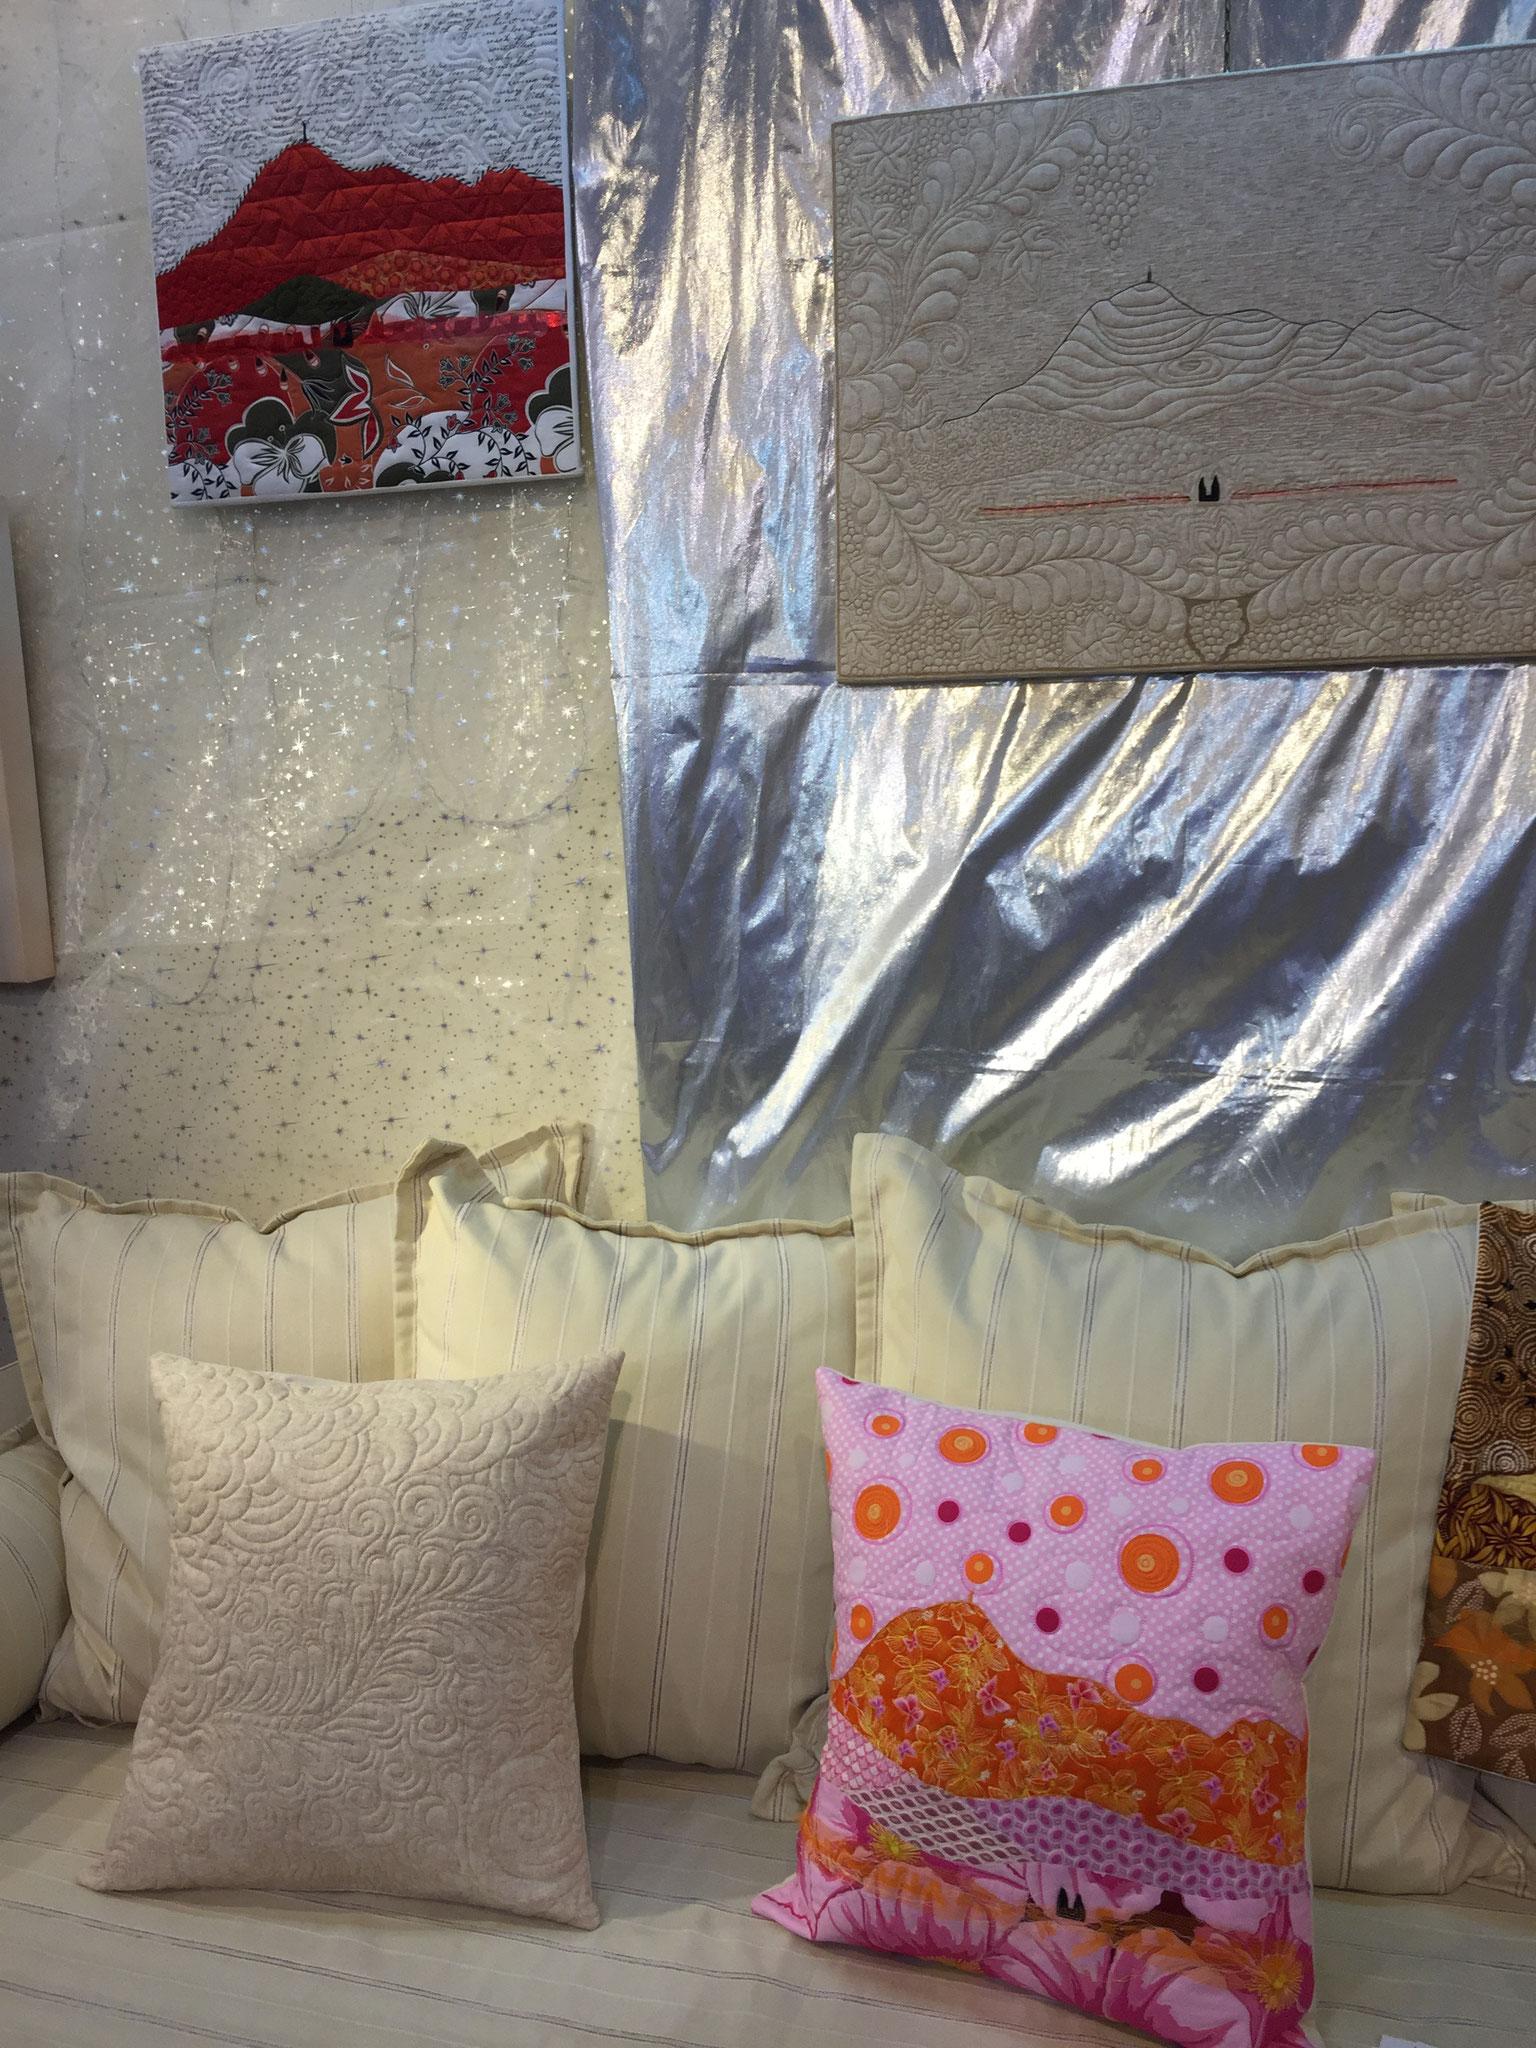 """Le grand cadre """"Chaîne des Puys"""" et le coussin """"Toile de Jouy"""" ont trouvé une autre maison à Noël !"""